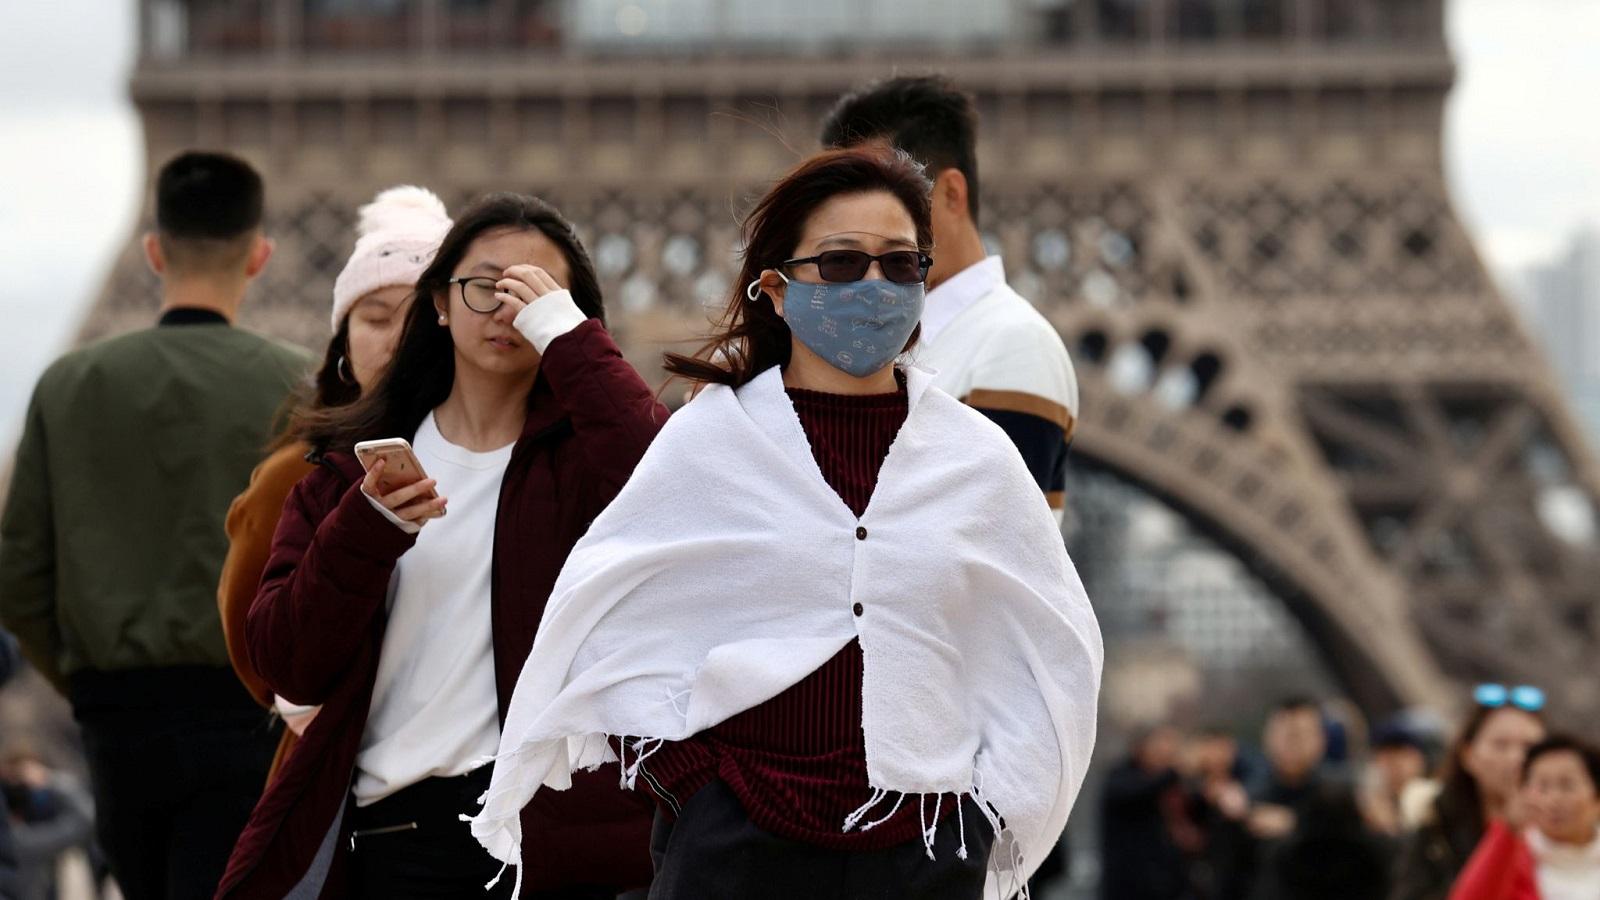 肆虐的疫情也导致法国2020年经济遭遇重创